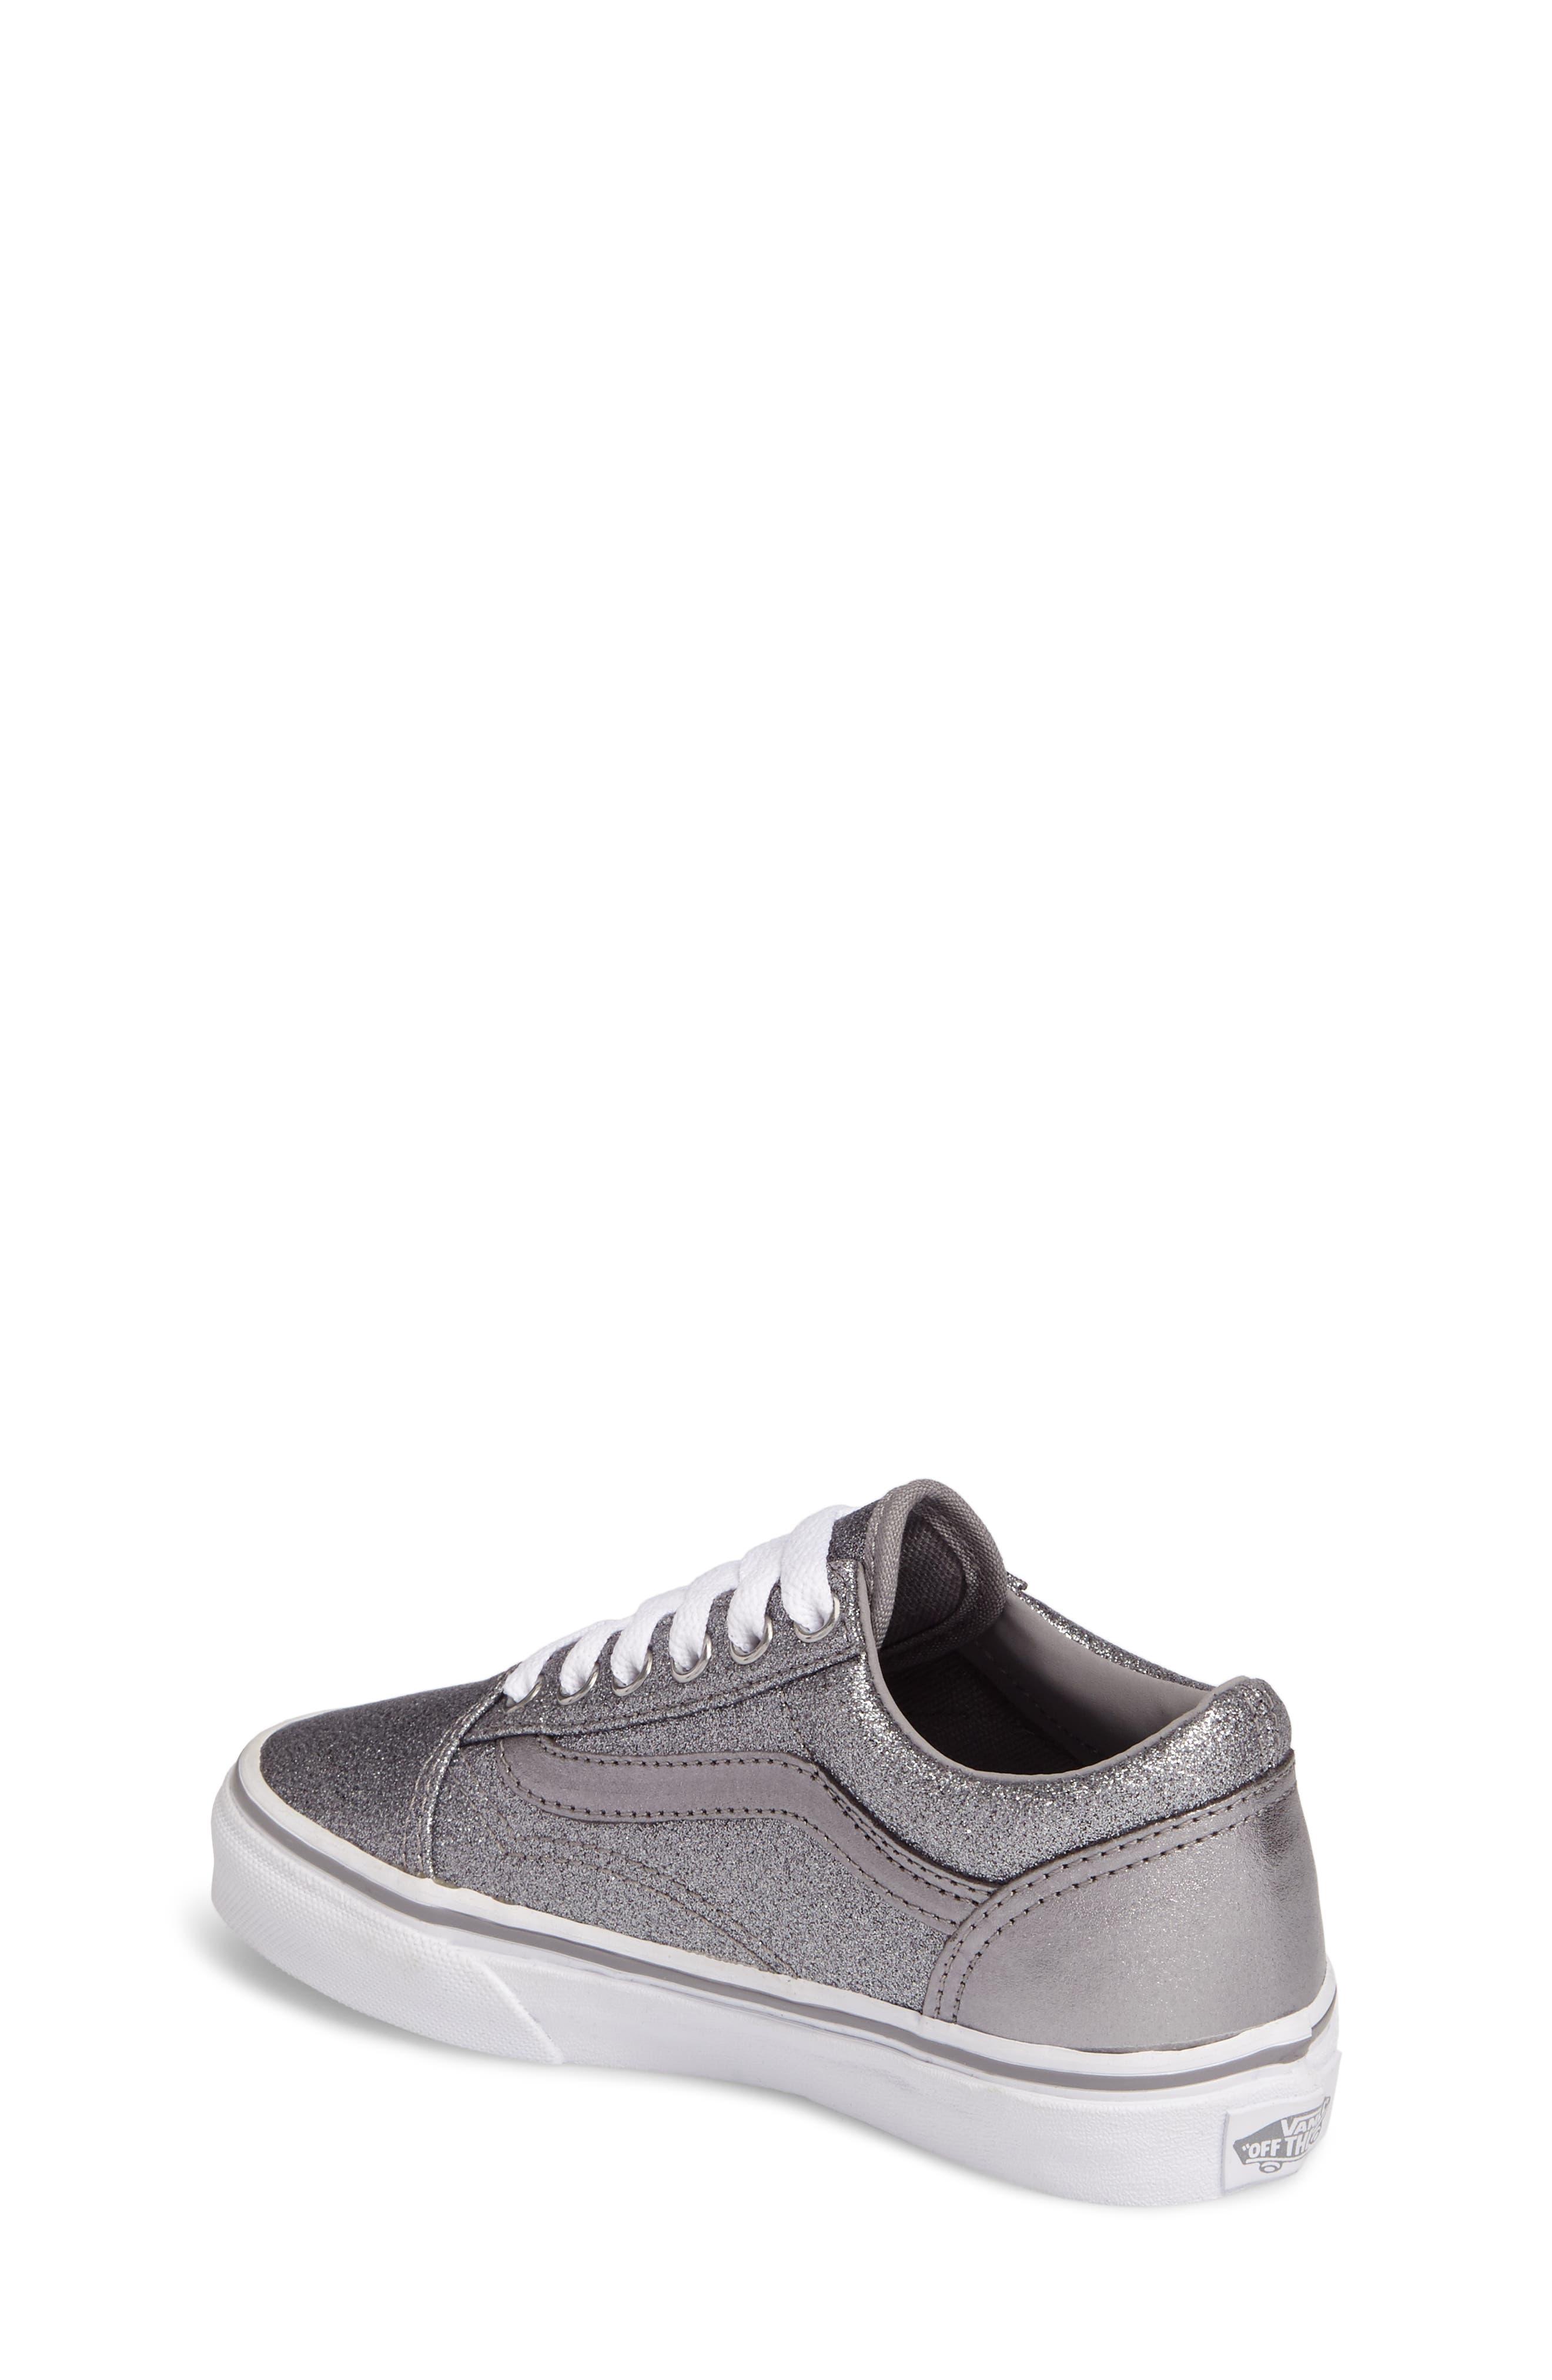 Old Skool Glitter Sneaker,                             Alternate thumbnail 2, color,                             040